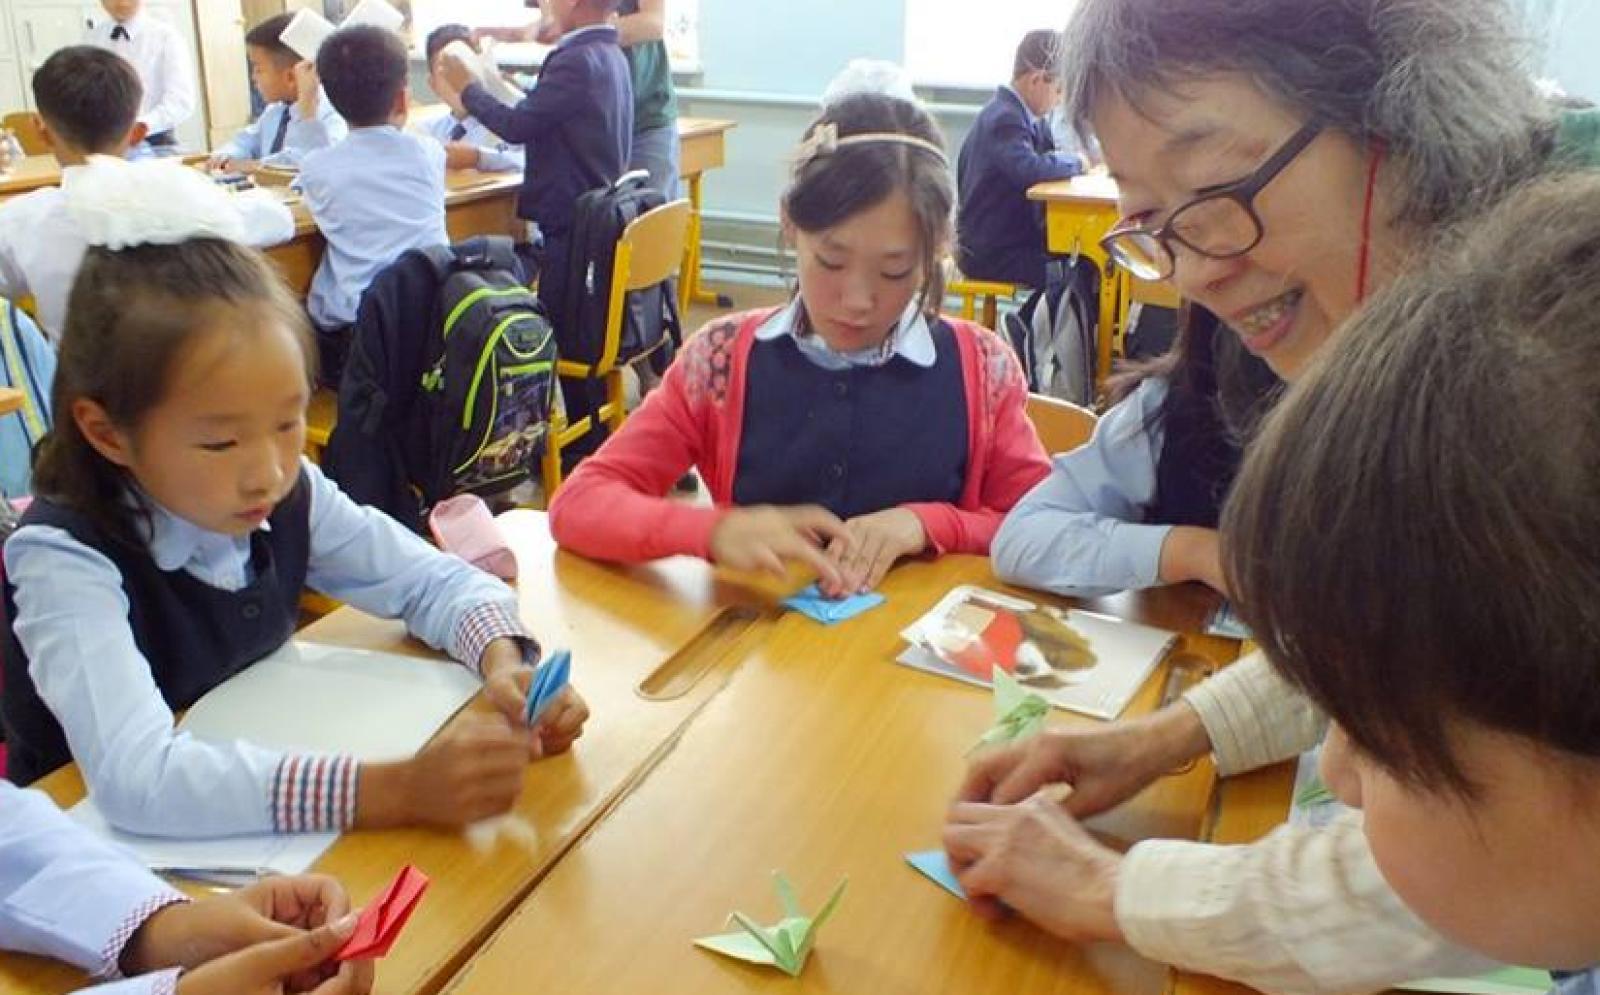 モンゴルの学校で子供たちに折り紙を教える日本人チャイルドケアボランティア